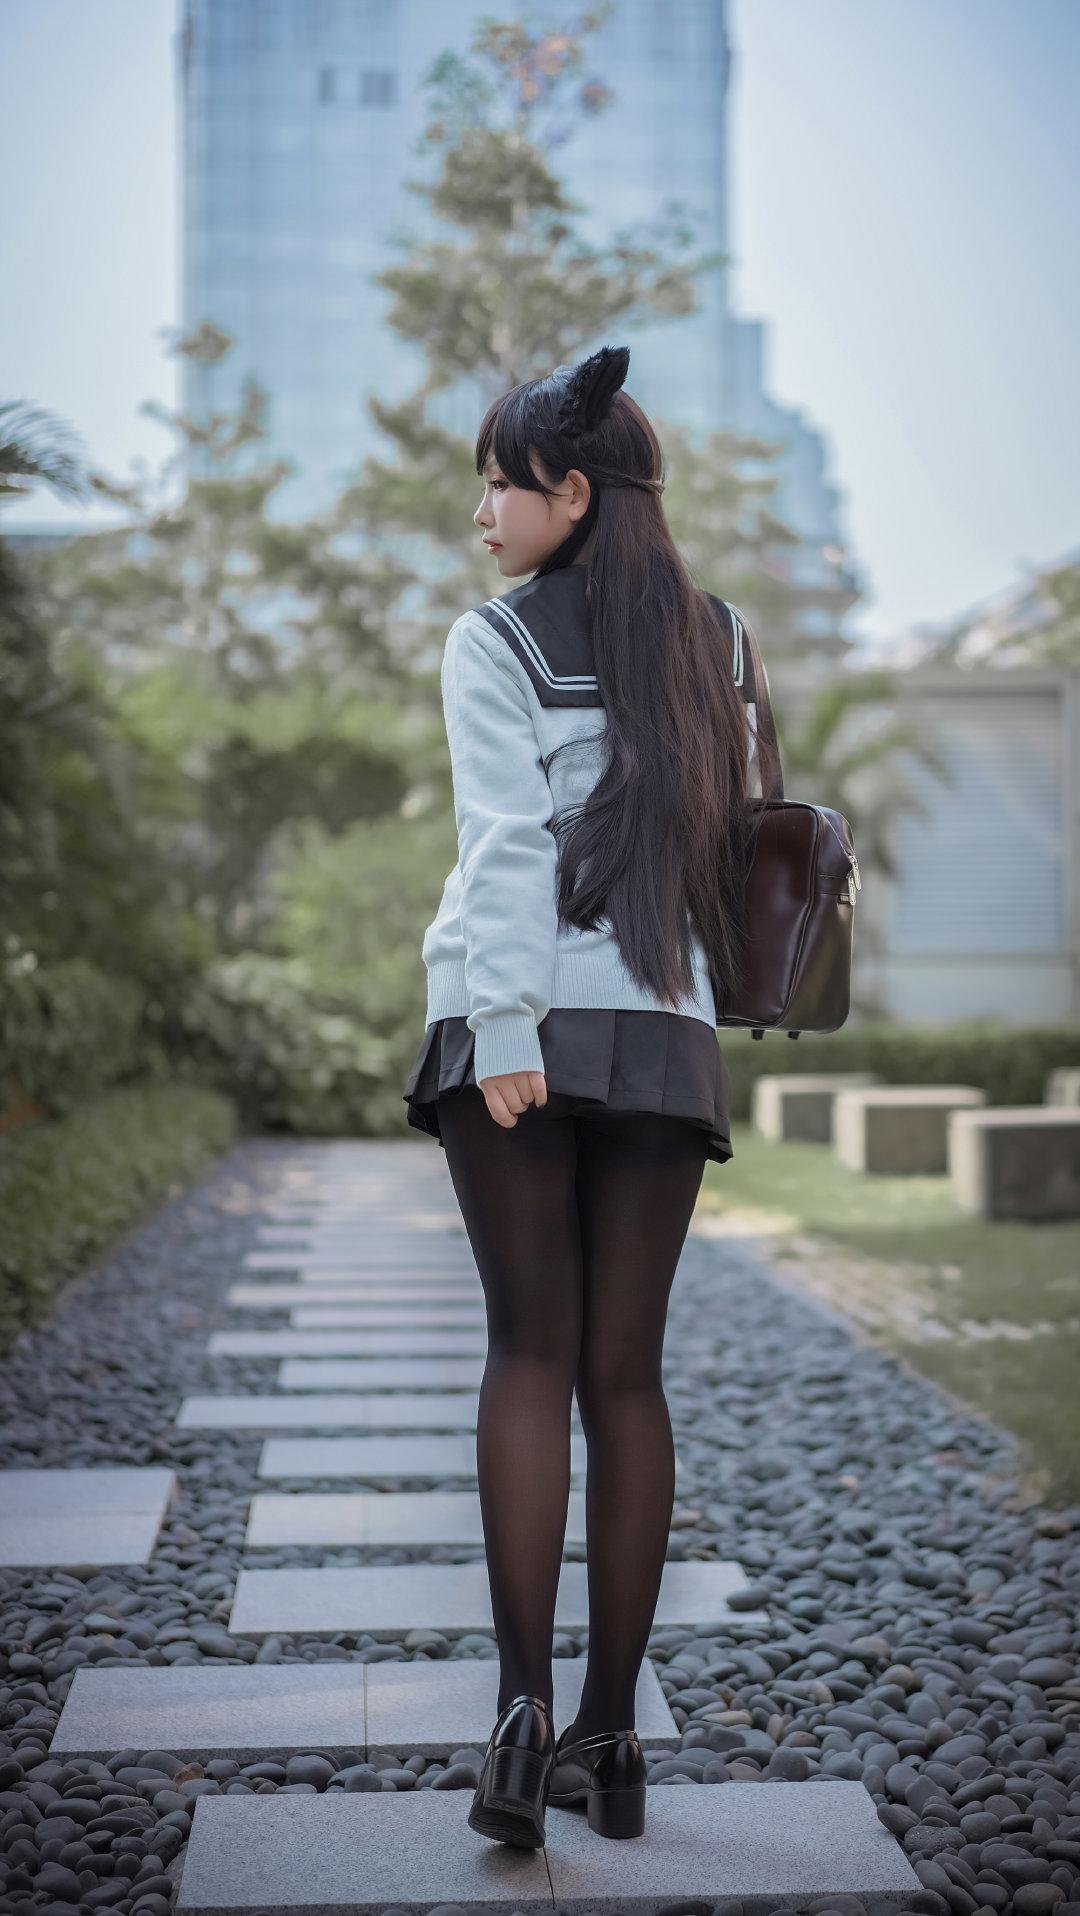 黑丝制服爱宕Cosplay Cosplay-第1张